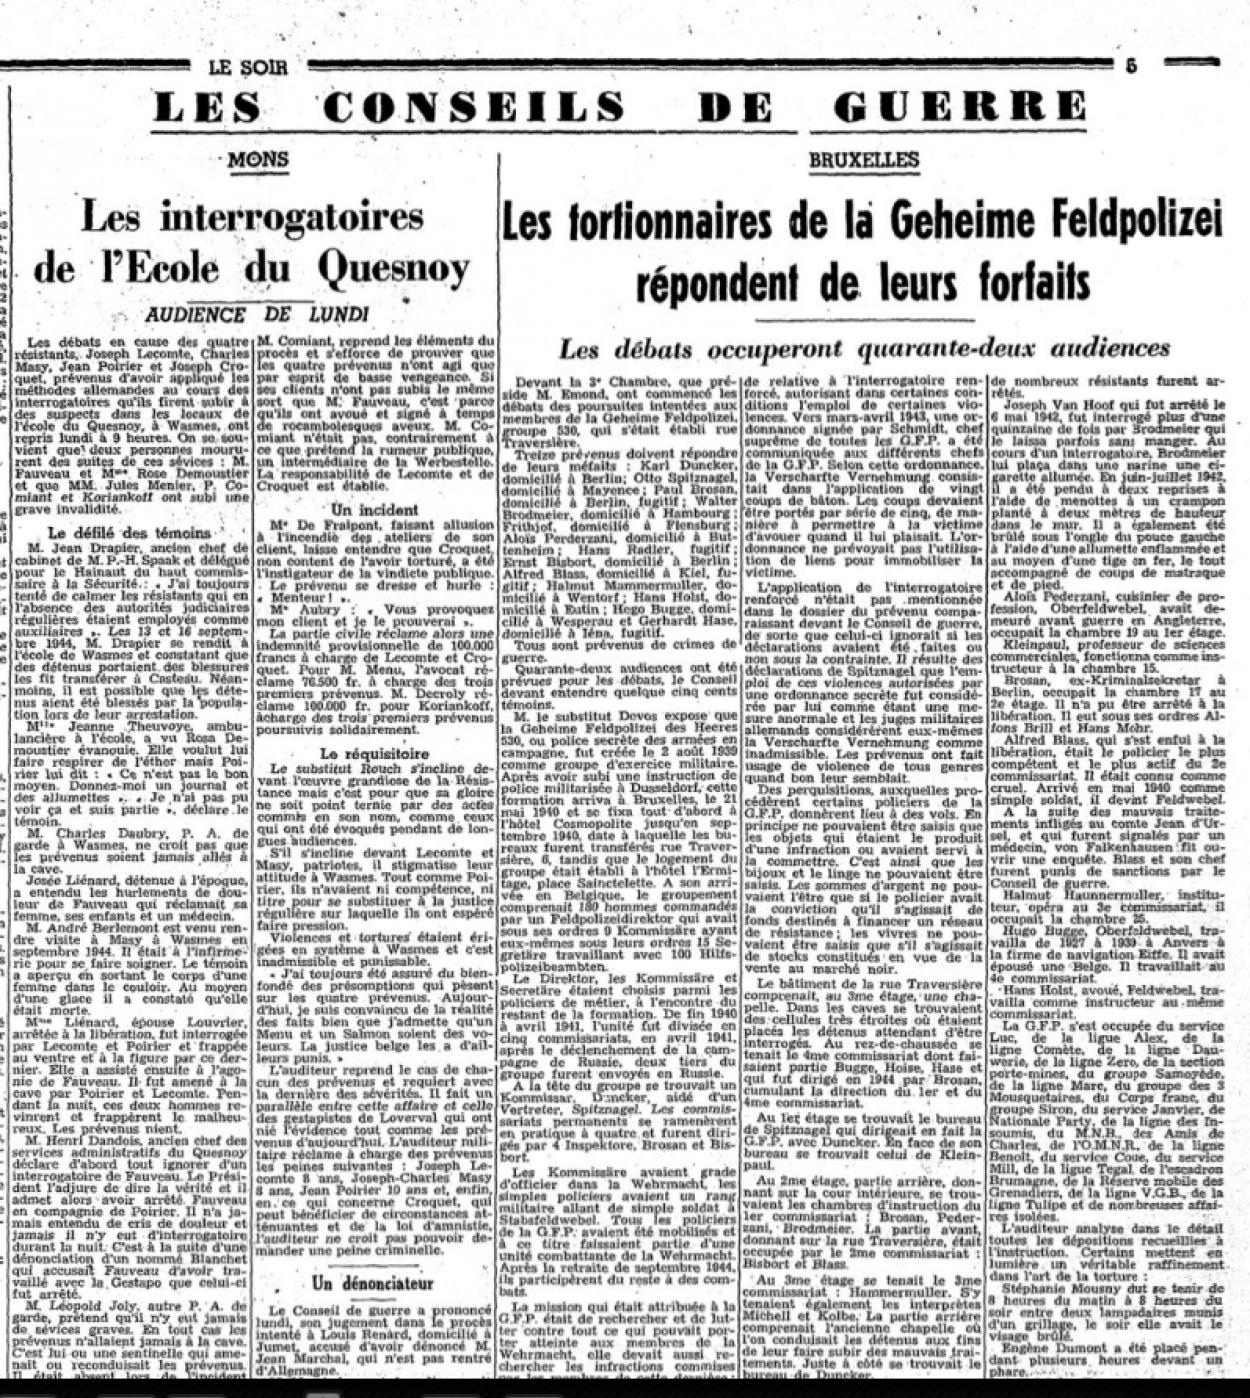 le-soir-16-5-1950-p-3.png